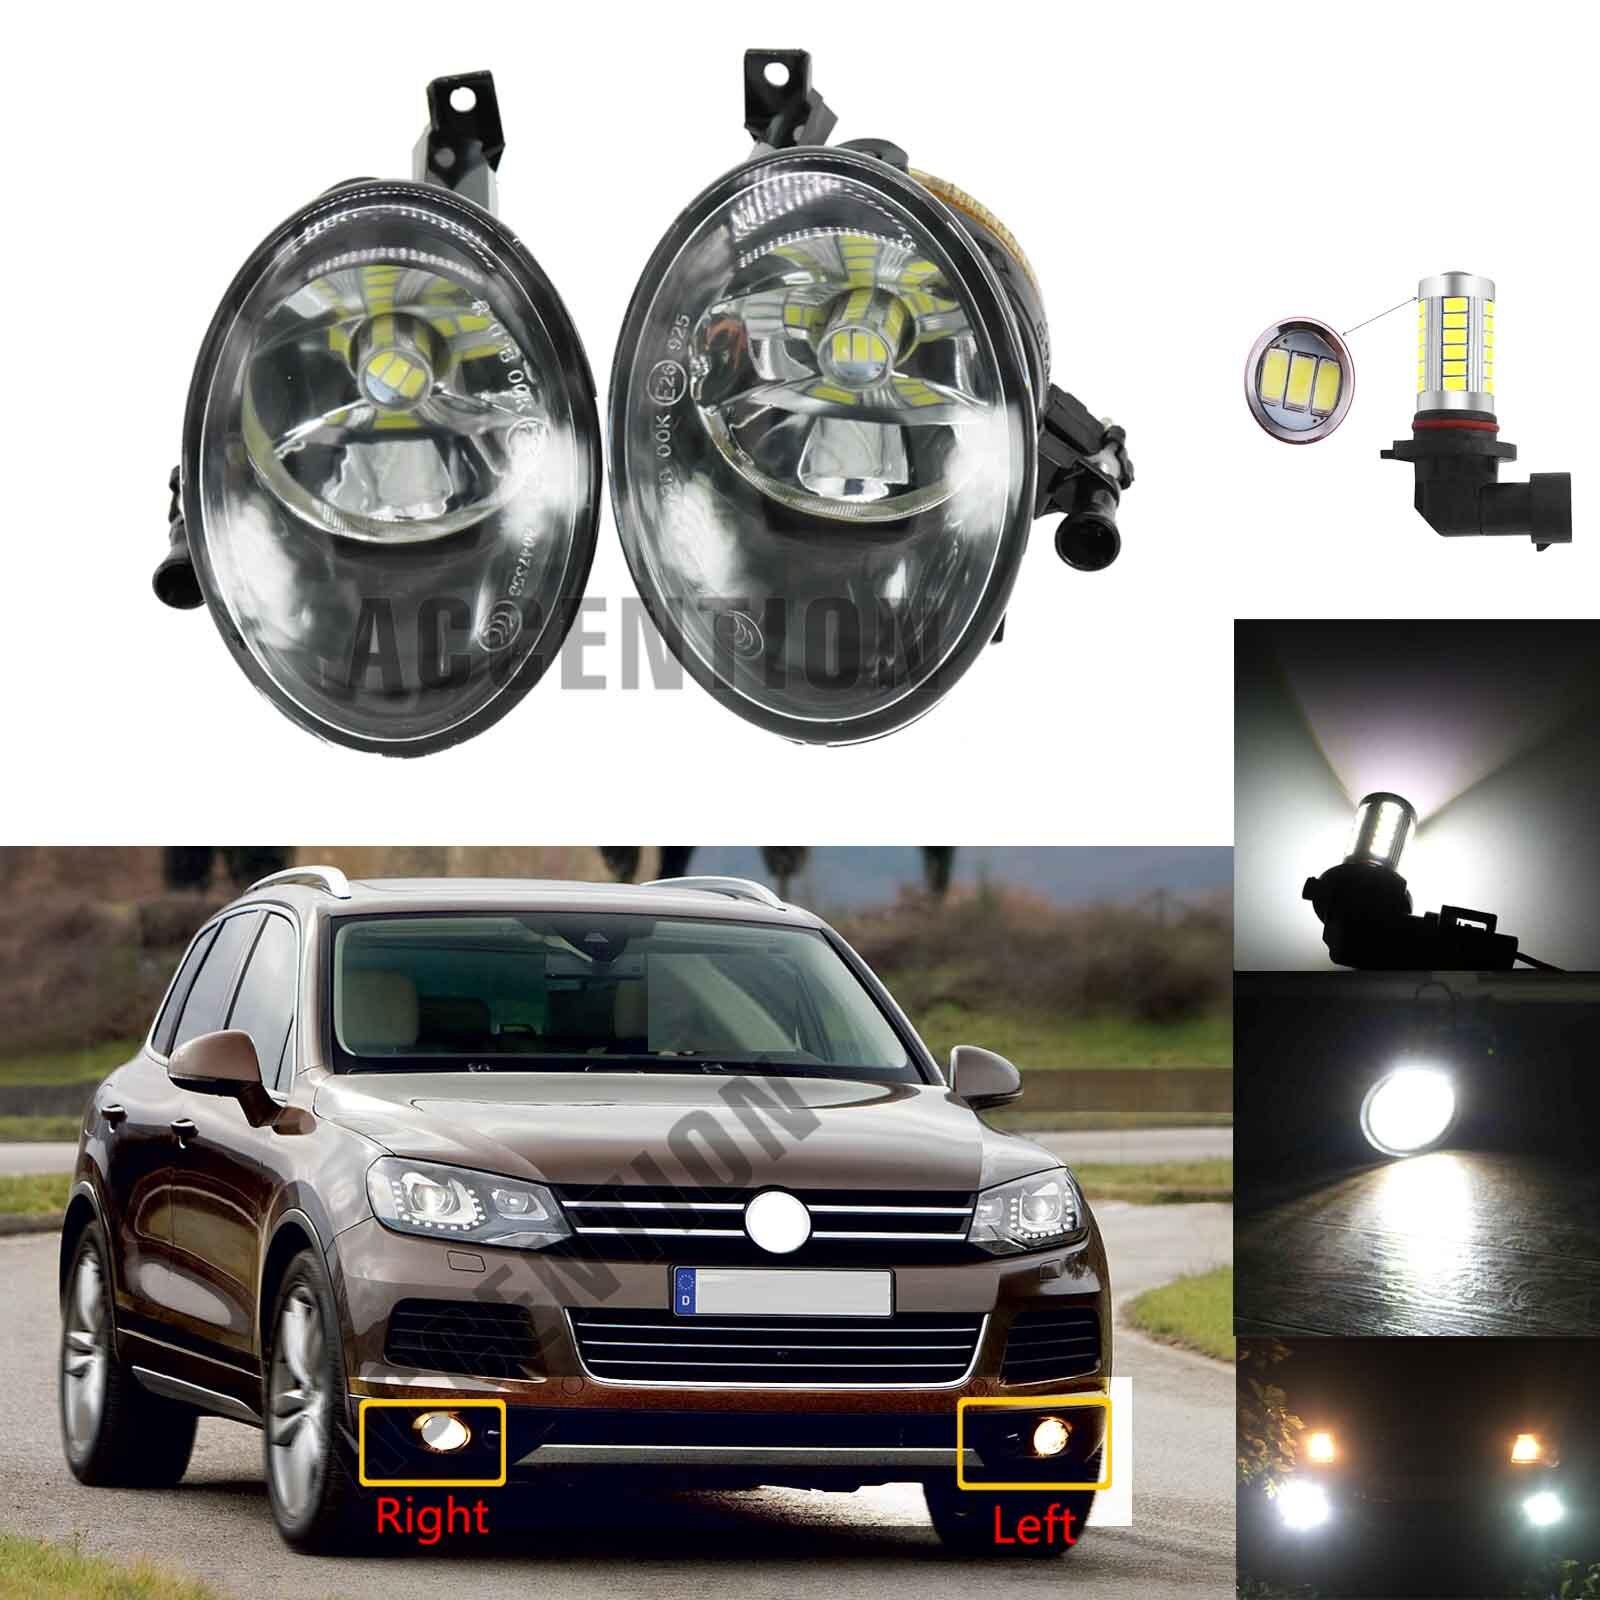 Светодиодный светильник для VW Touareg 2011 2012 2013 2014 авто-Стайлинг спереди светодиодный туман светильник противотуманных фар с лампами накаливан...